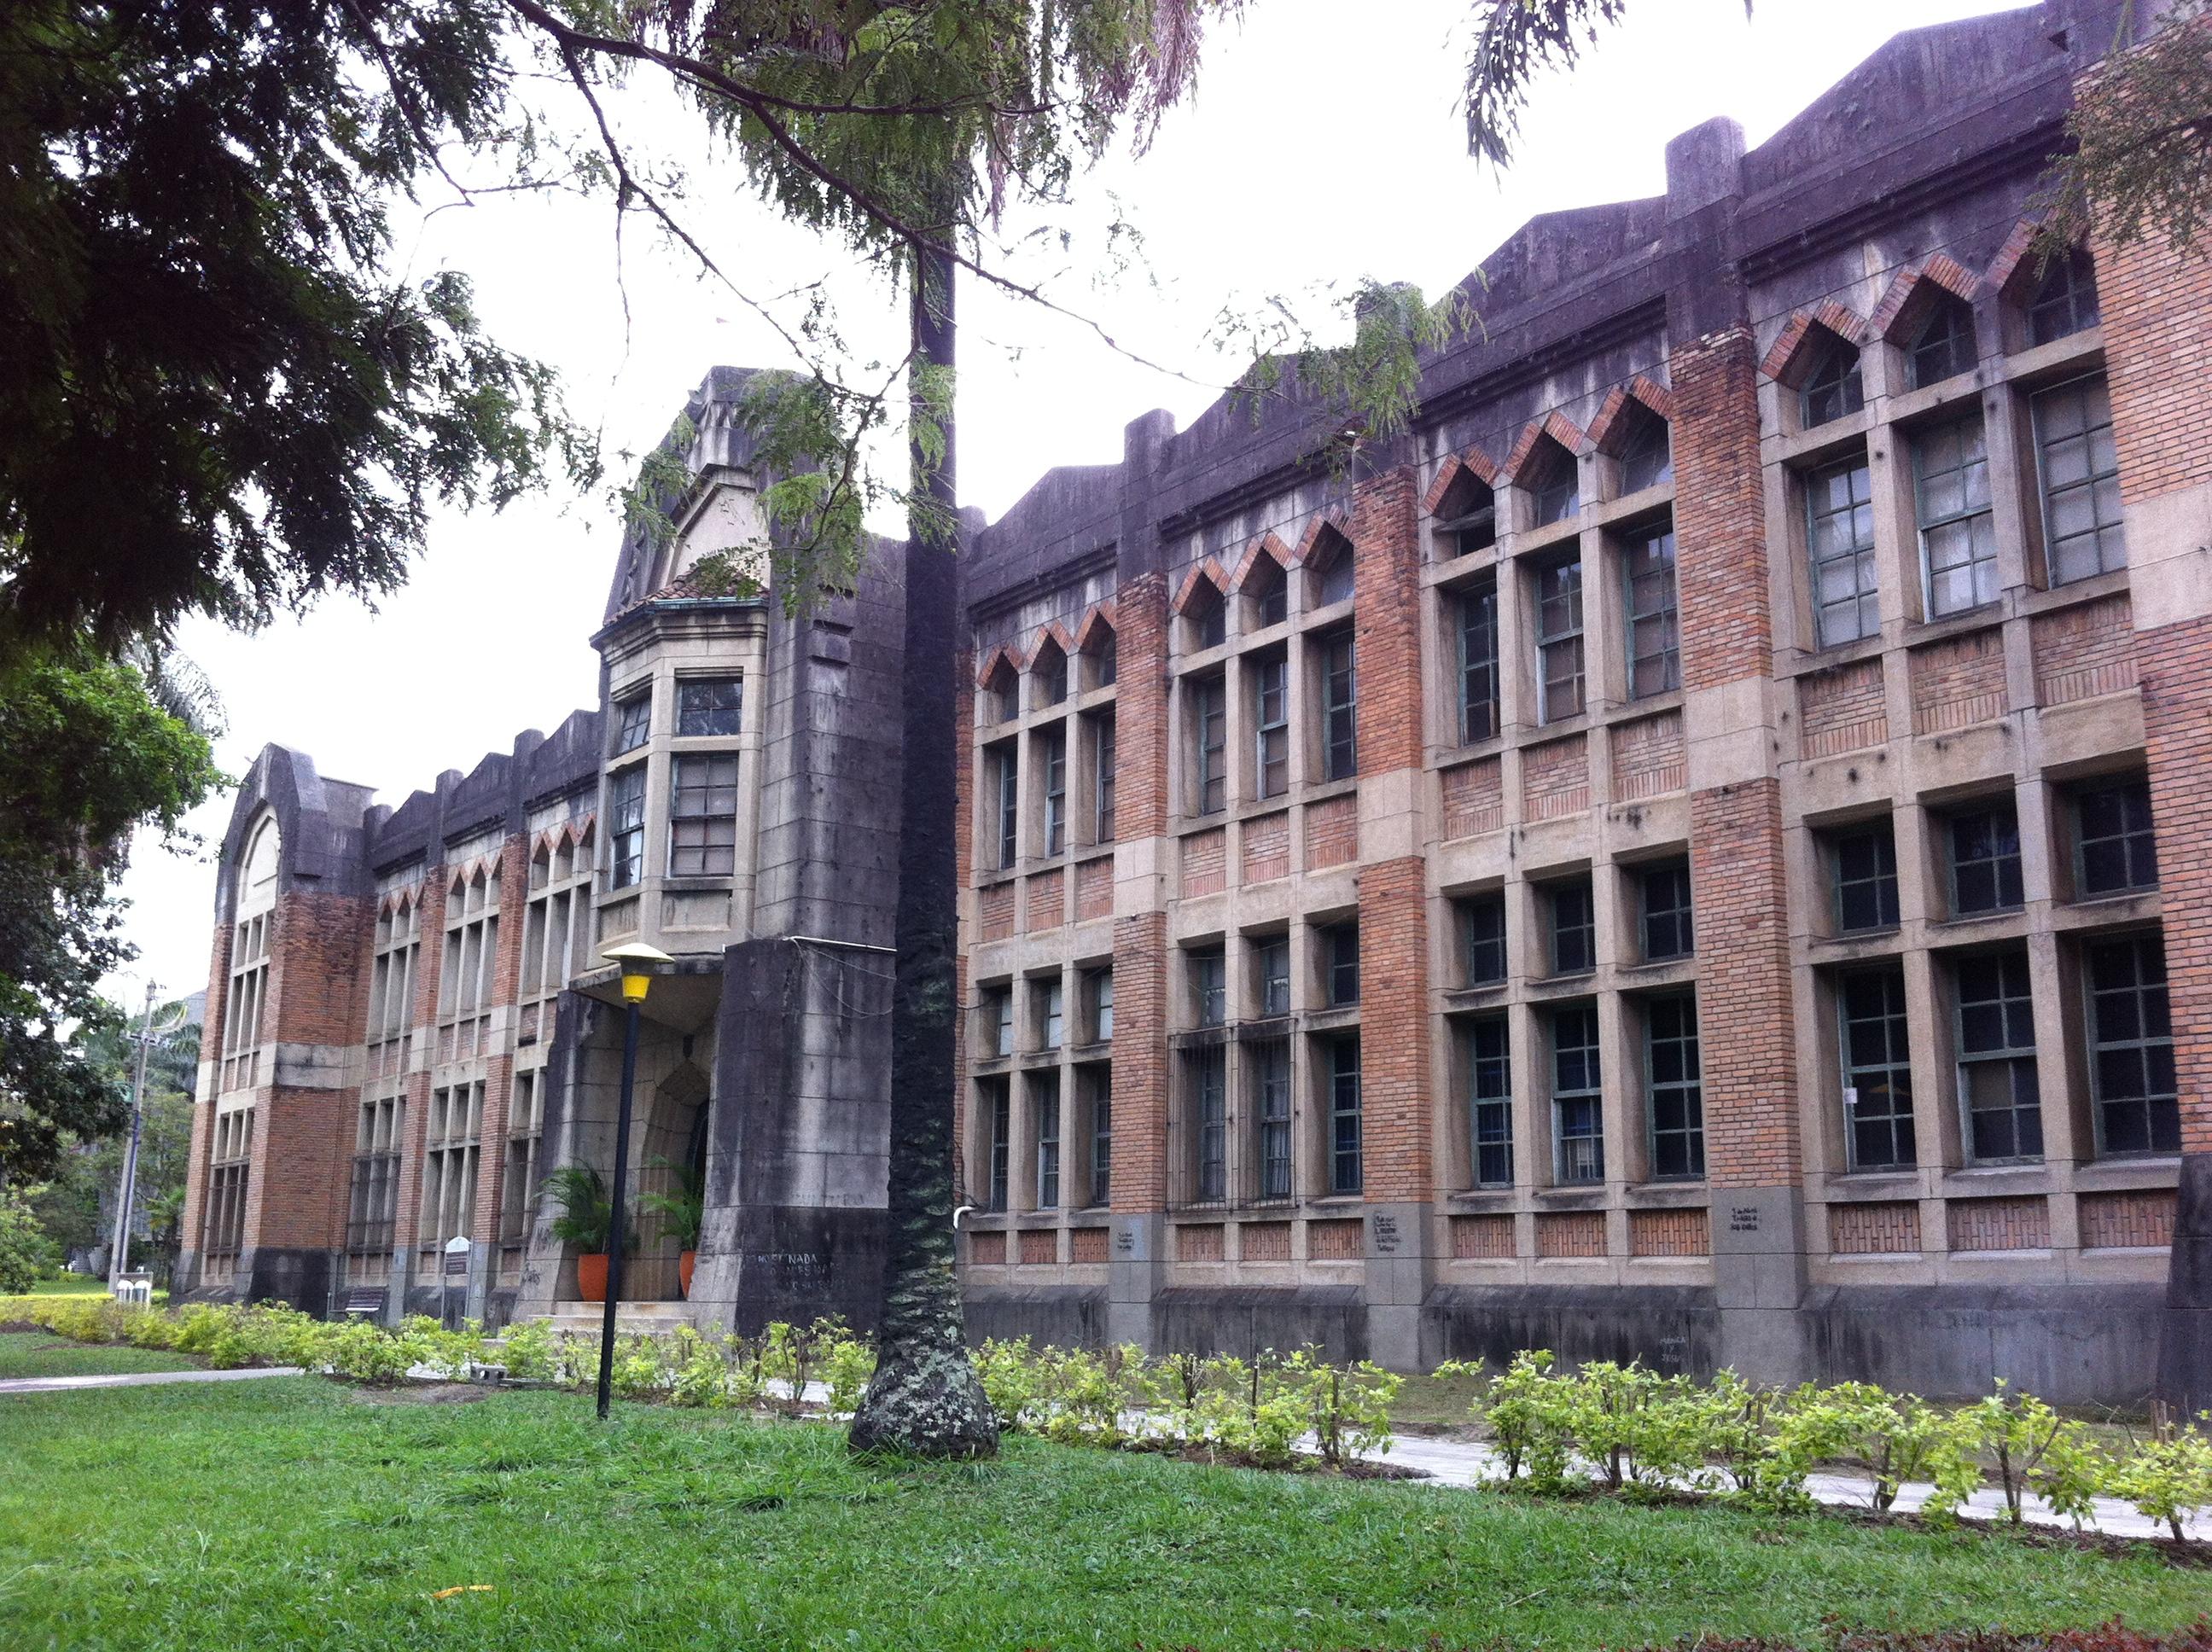 Colegio Nacional De Decoradores Y Dise Ef Bf Bdadores De Interior De Espa Ef Bf Bda